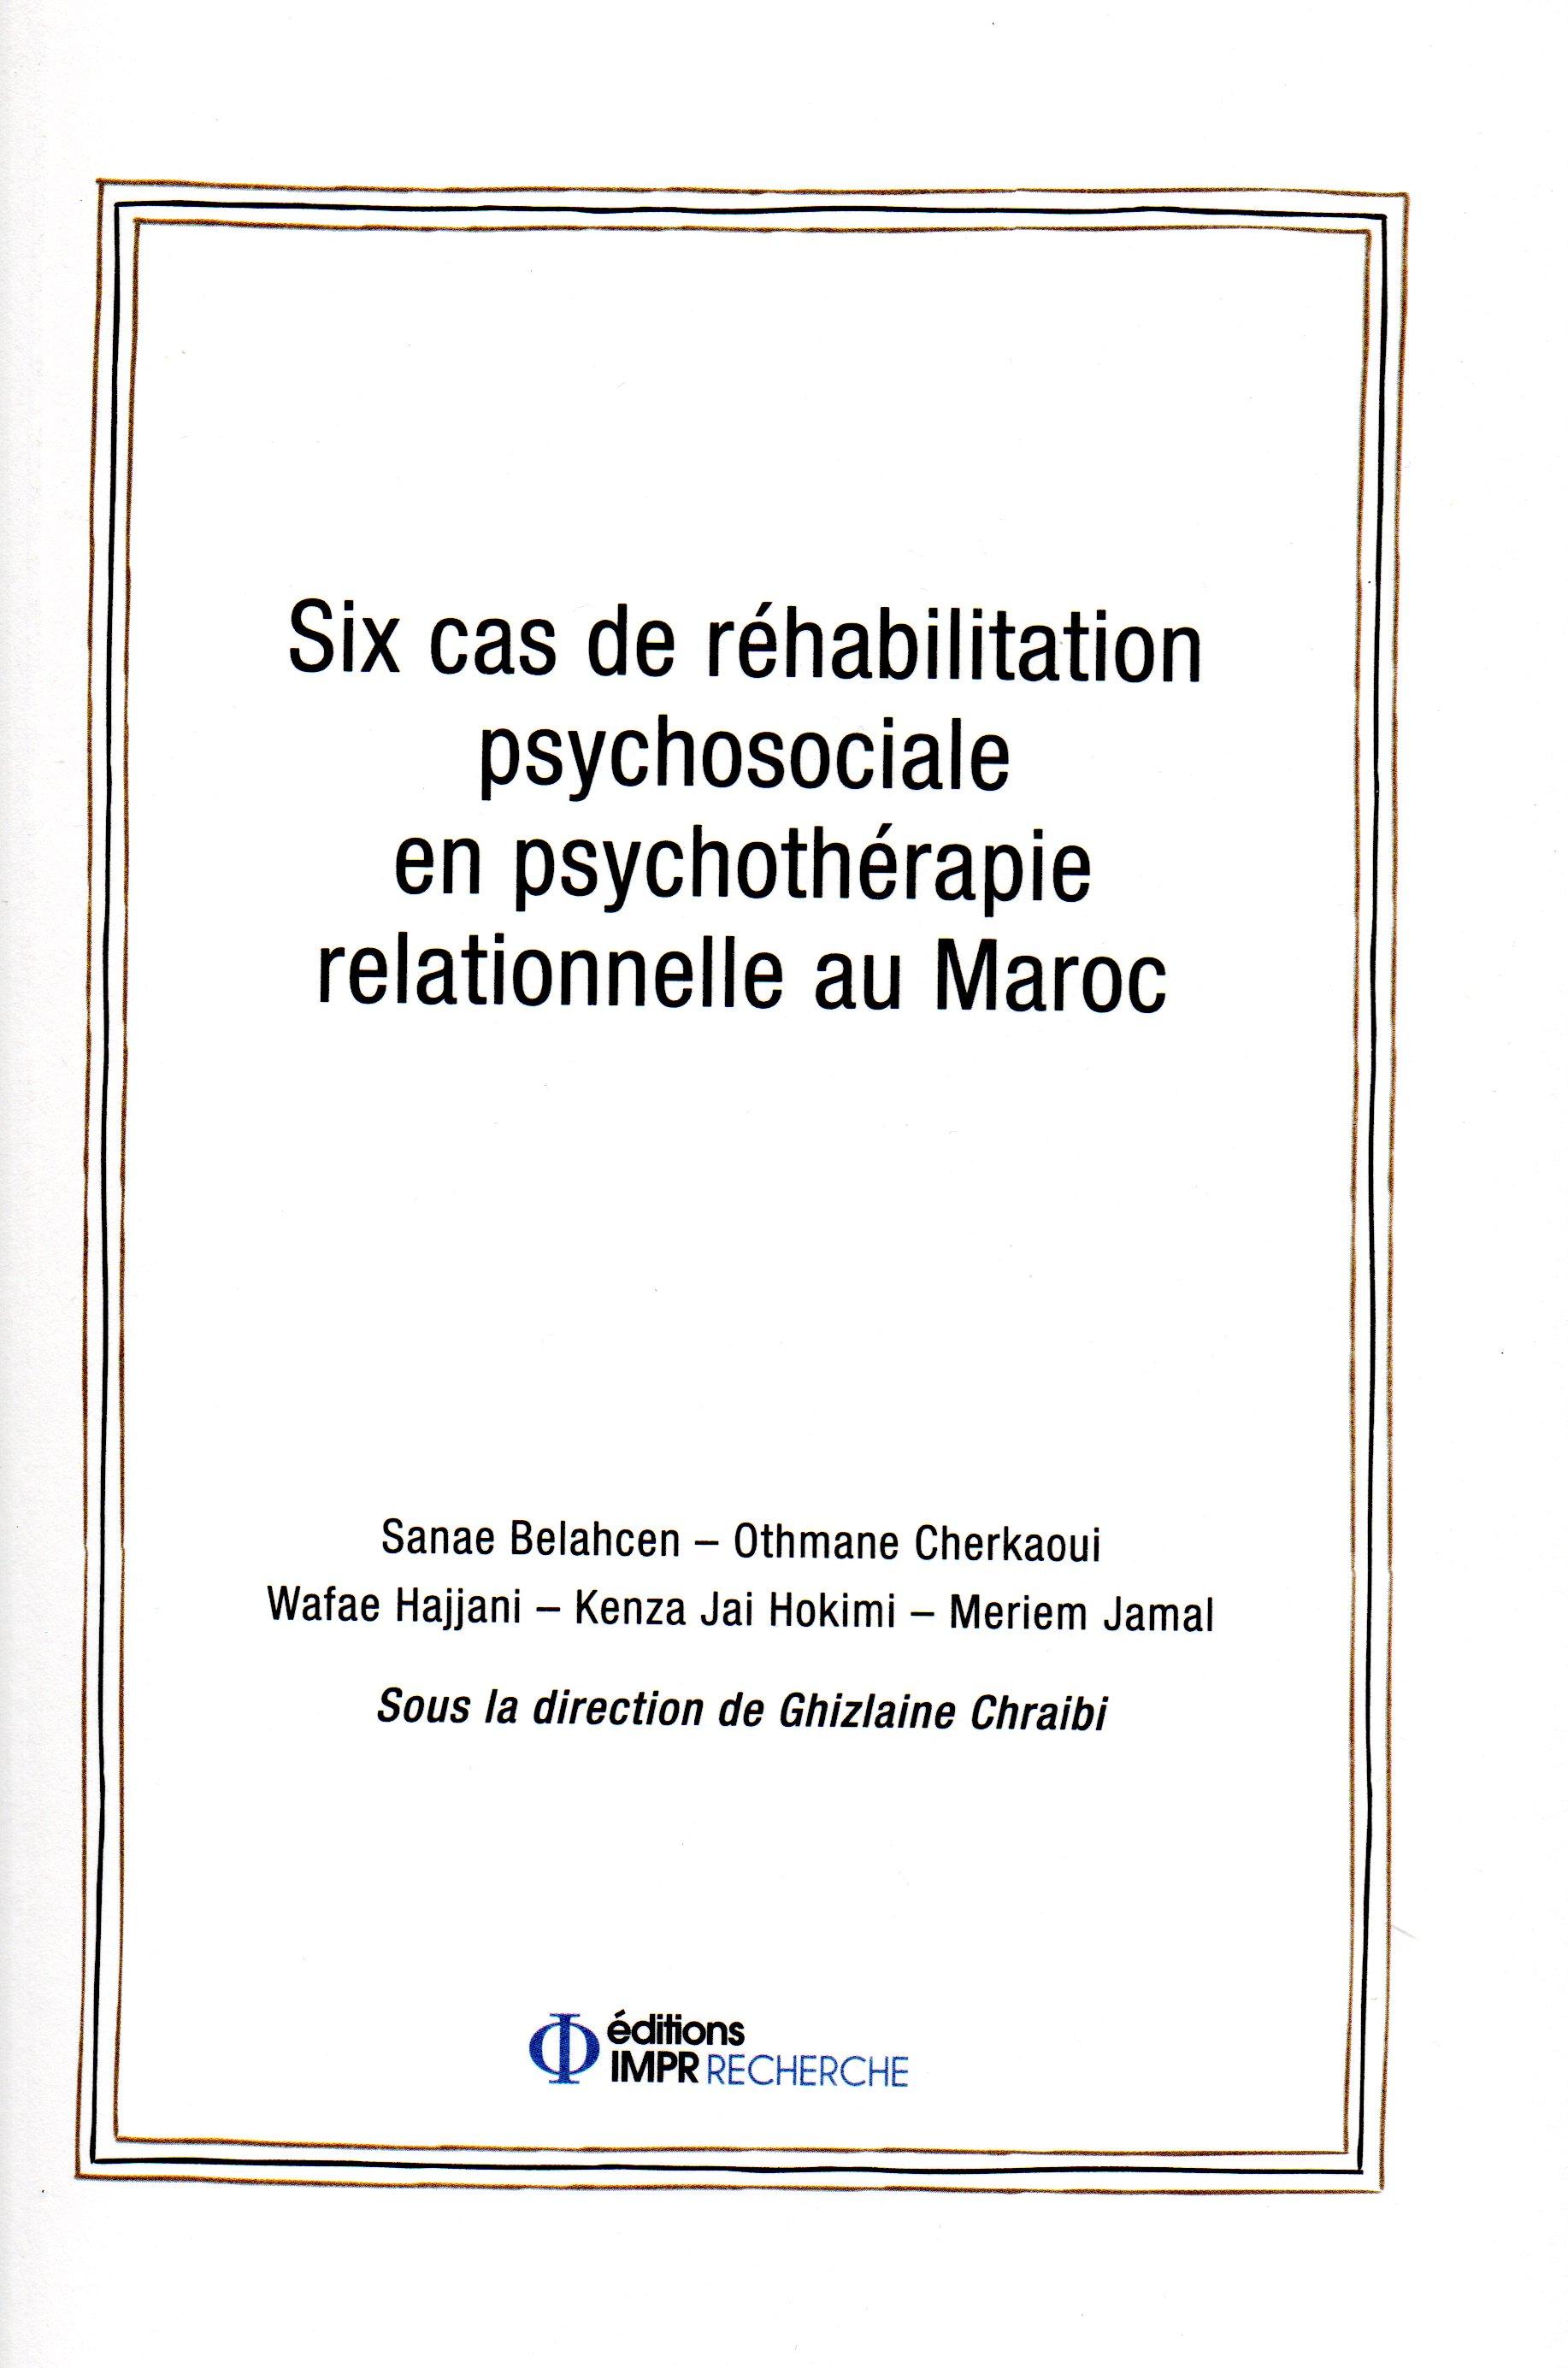 Six cas de réhabilitation psychosociale en psychothérapie relationnelle au Maroc